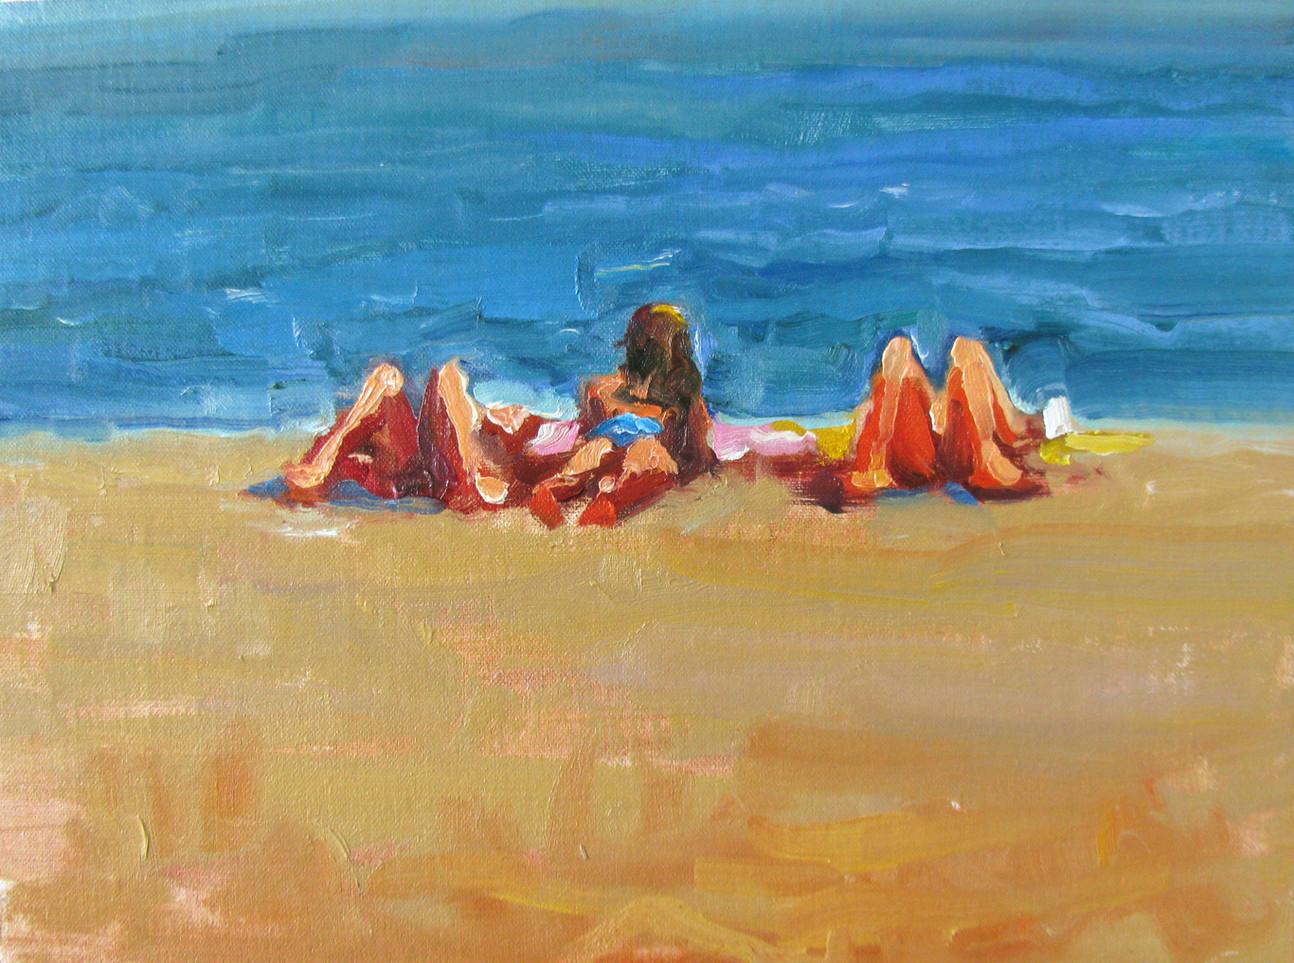 Summer beckons, 9x12, SOLD